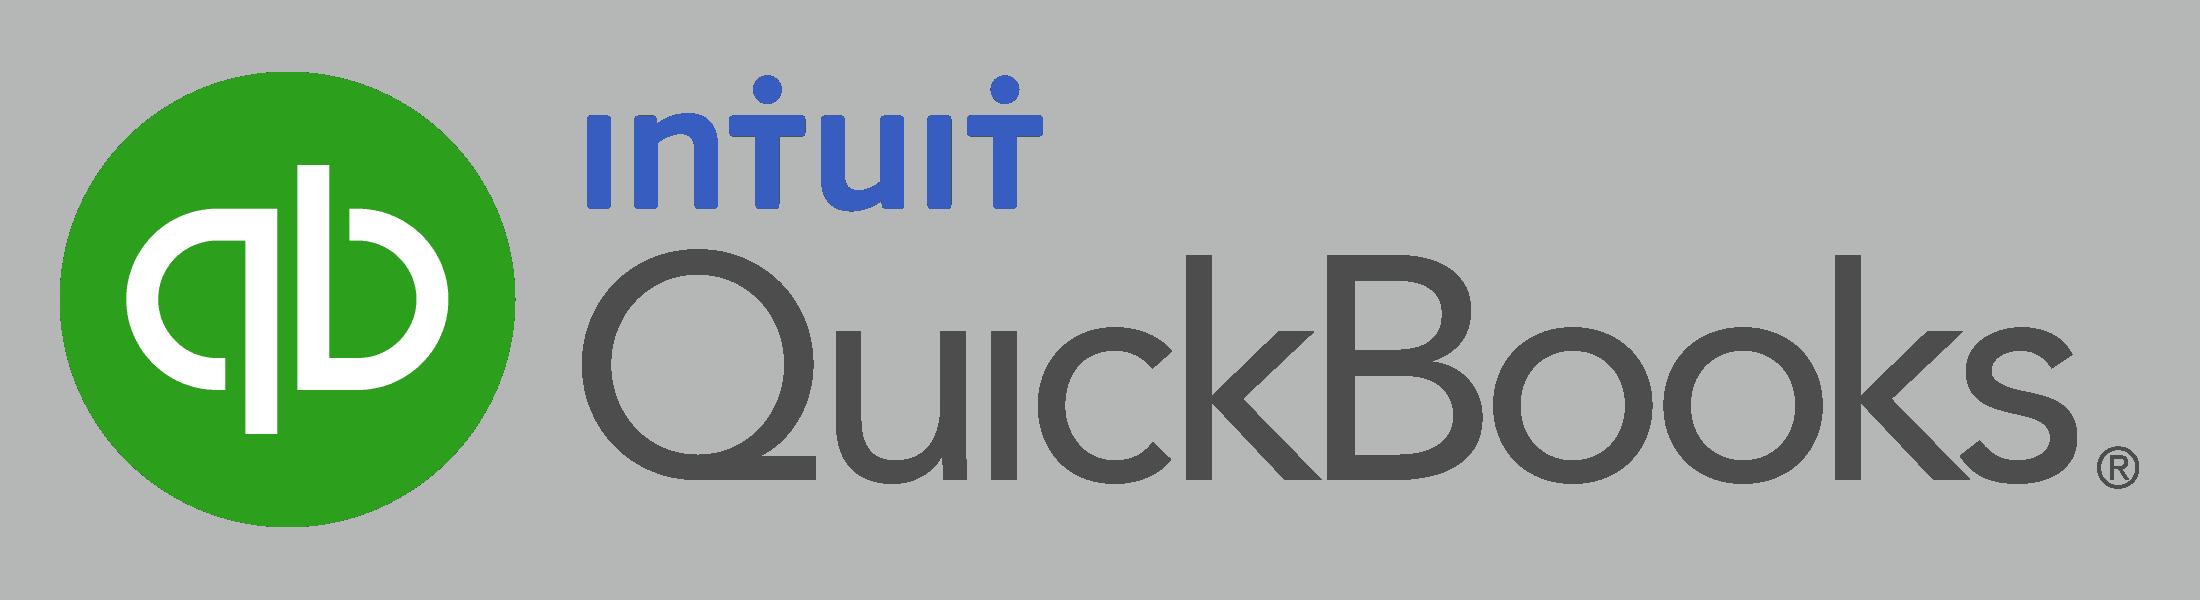 quickbooks enterprise solutions 13.0 manual